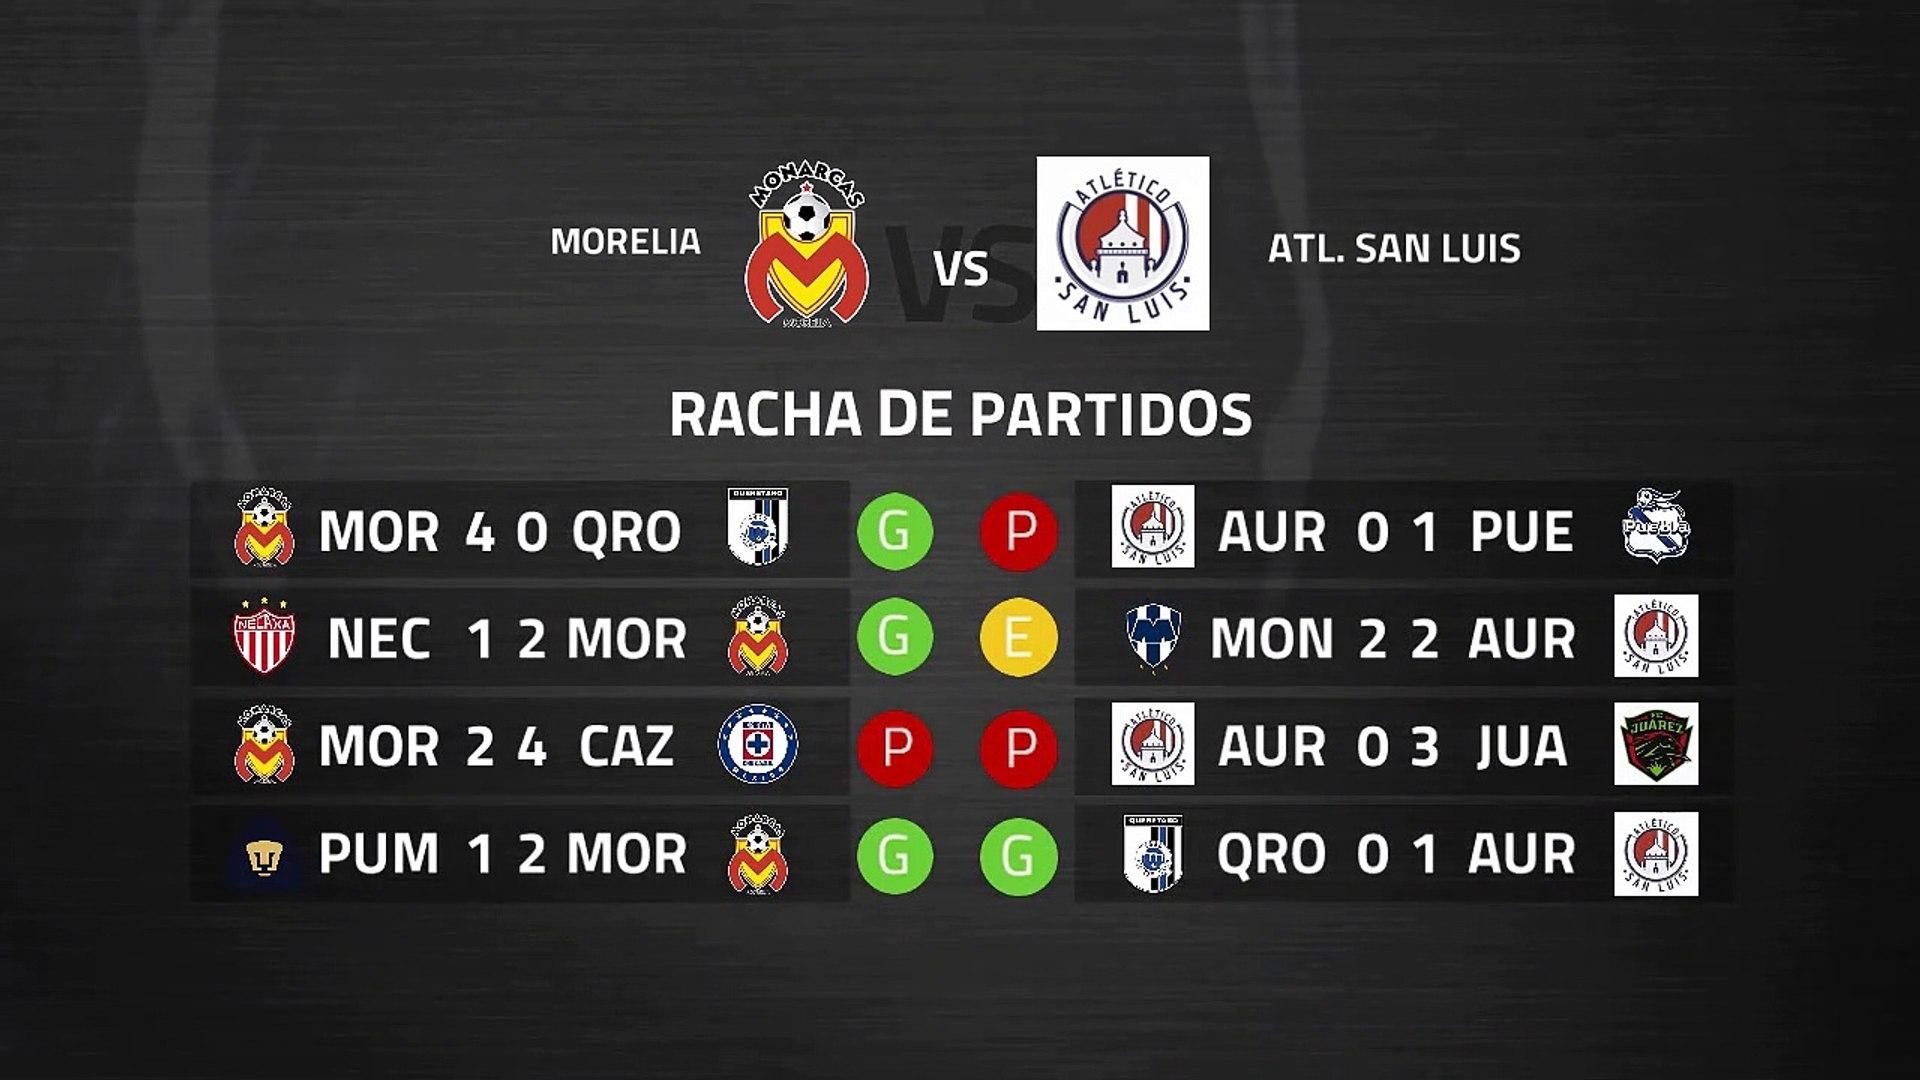 Previa partido entre Morelia y Atl. San Luis Jornada 11 Liga MX - Clausura